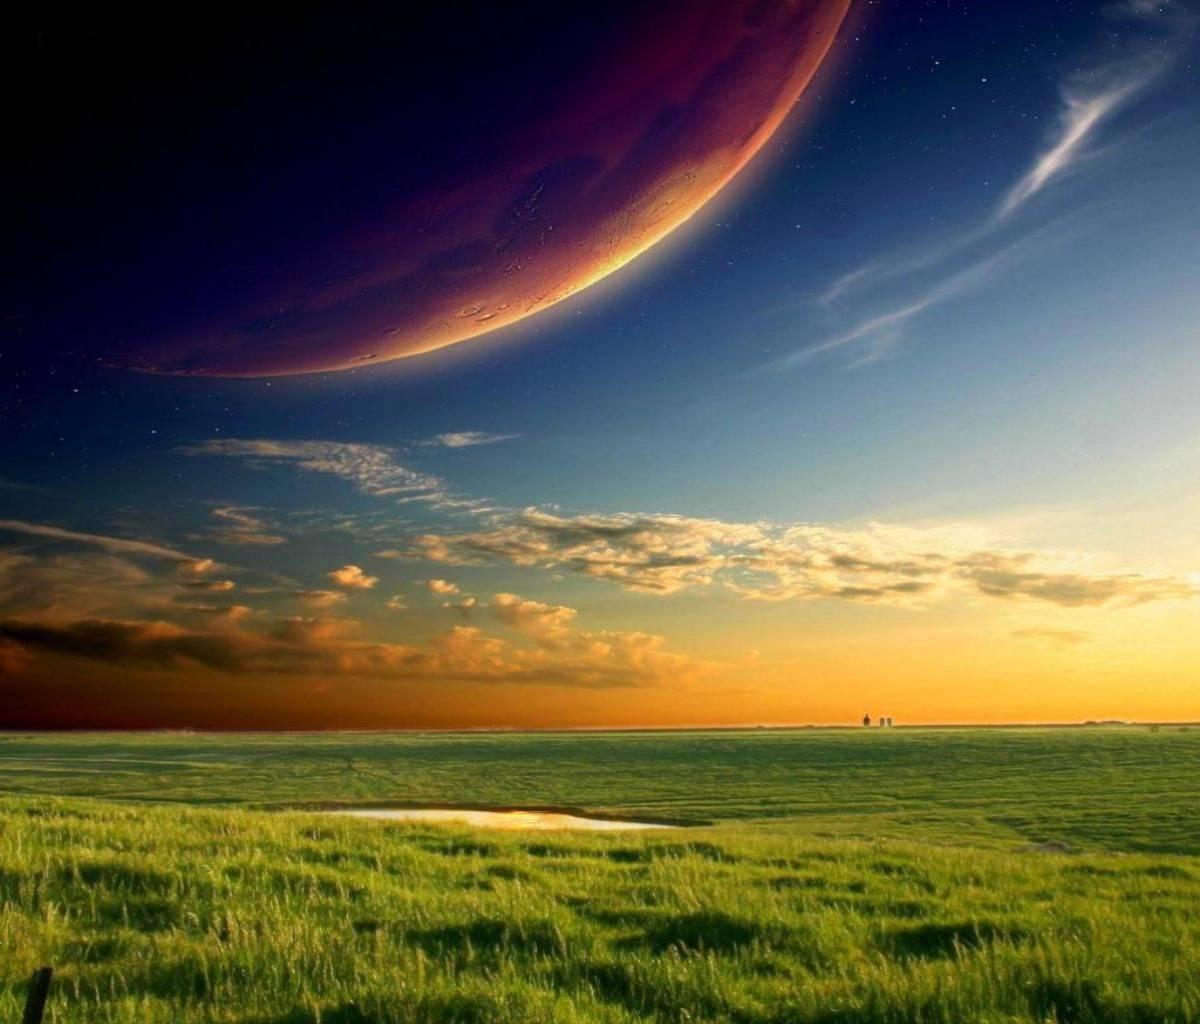 Colorful Plains Hd